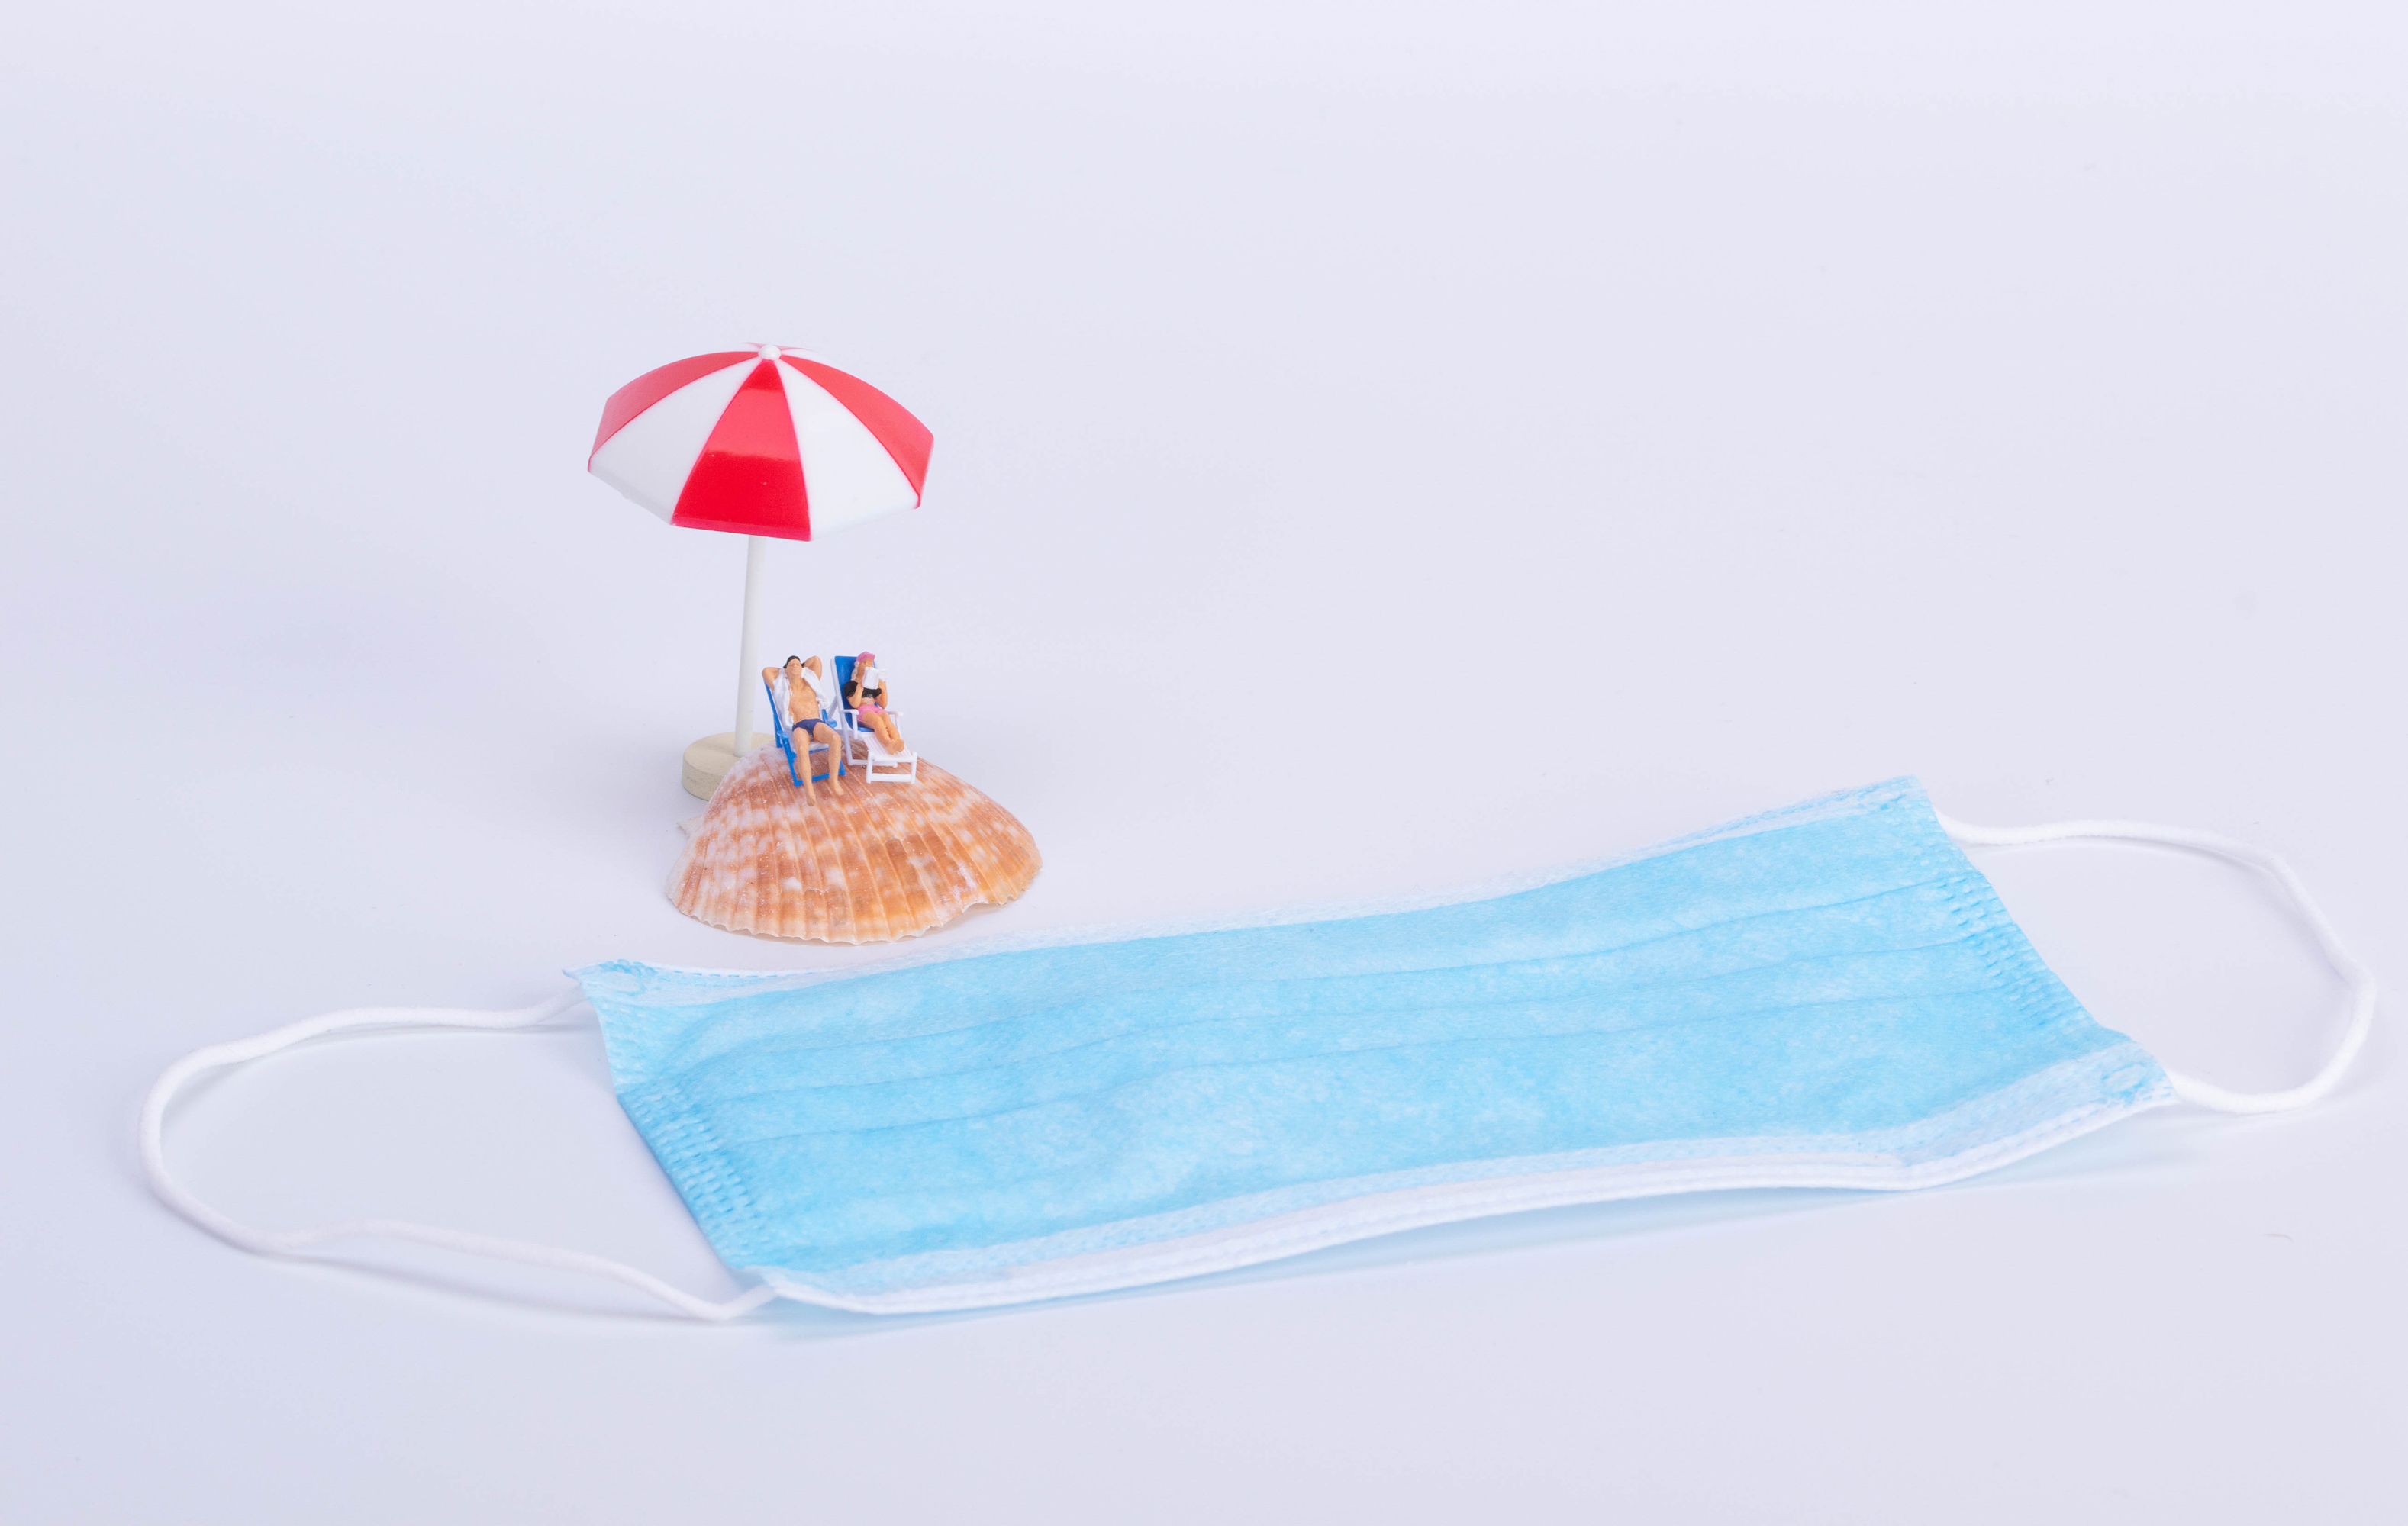 Картинки Коронавирус Пляж Ракушки оригинальные Маски зонтом Шезлонг Серый фон 3155x2000 пляжа пляже пляжи Креатив креативные Зонт зонтик Лежаки сером фоне